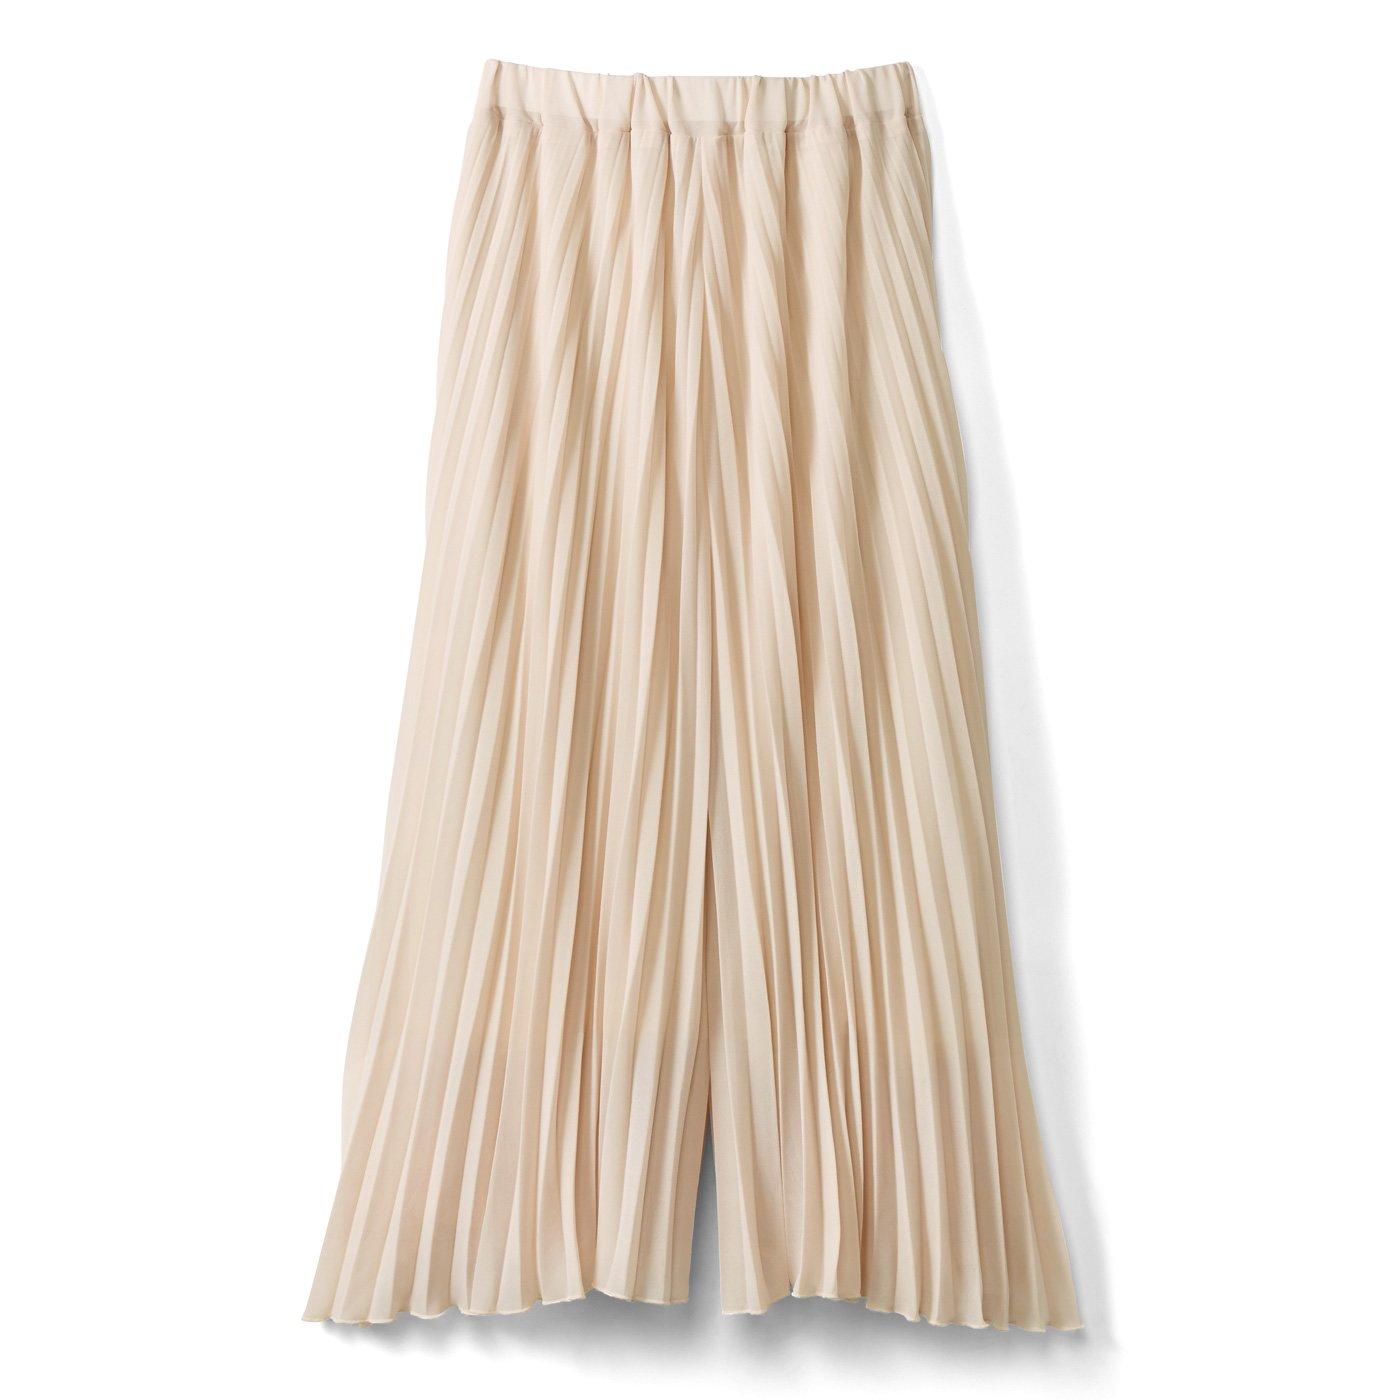 IEDIT[イディット] 吸汗速乾裏地付き しなやかプリーツスカート見えパンツ〈ライトベージュ〉